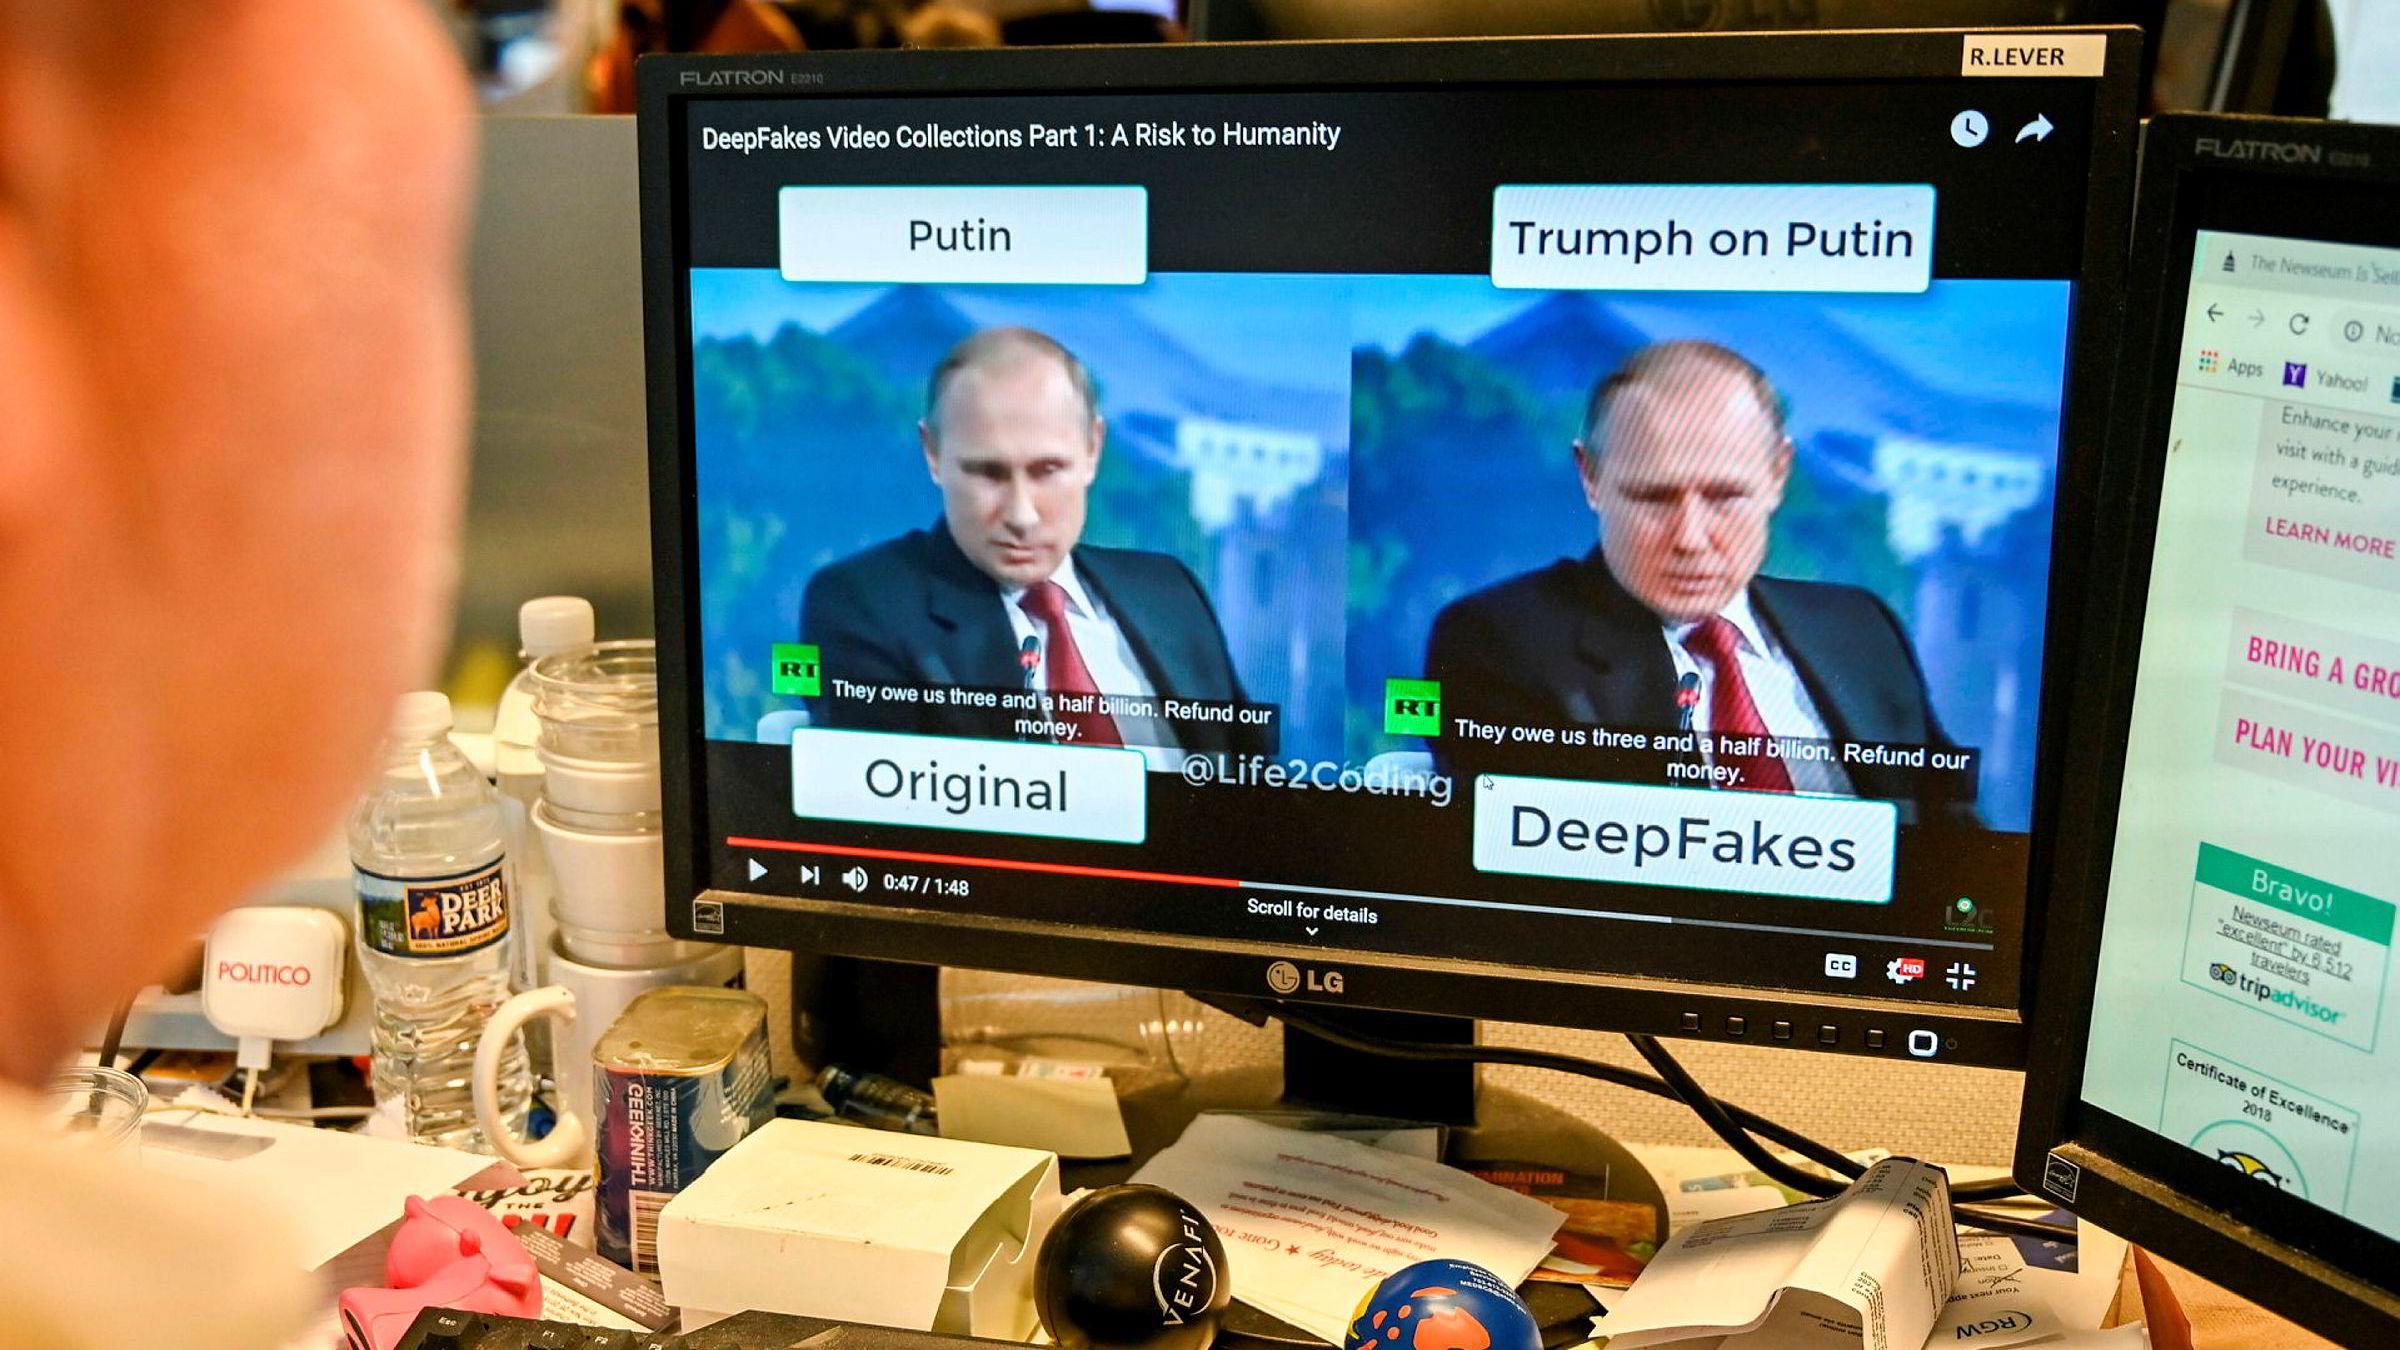 Teknologien som lager troverdige falske videoer er blitt kraftig forbedret i løpet av få måneder. De amerikanske teknologiselskapene går sammen for å utvikle teknologi og løsninger for å identifisere falske videoer. Russlands president Vladimir Putin og USAs tidligere president Barack Obama er utsatt for «deepfake»-videoer.